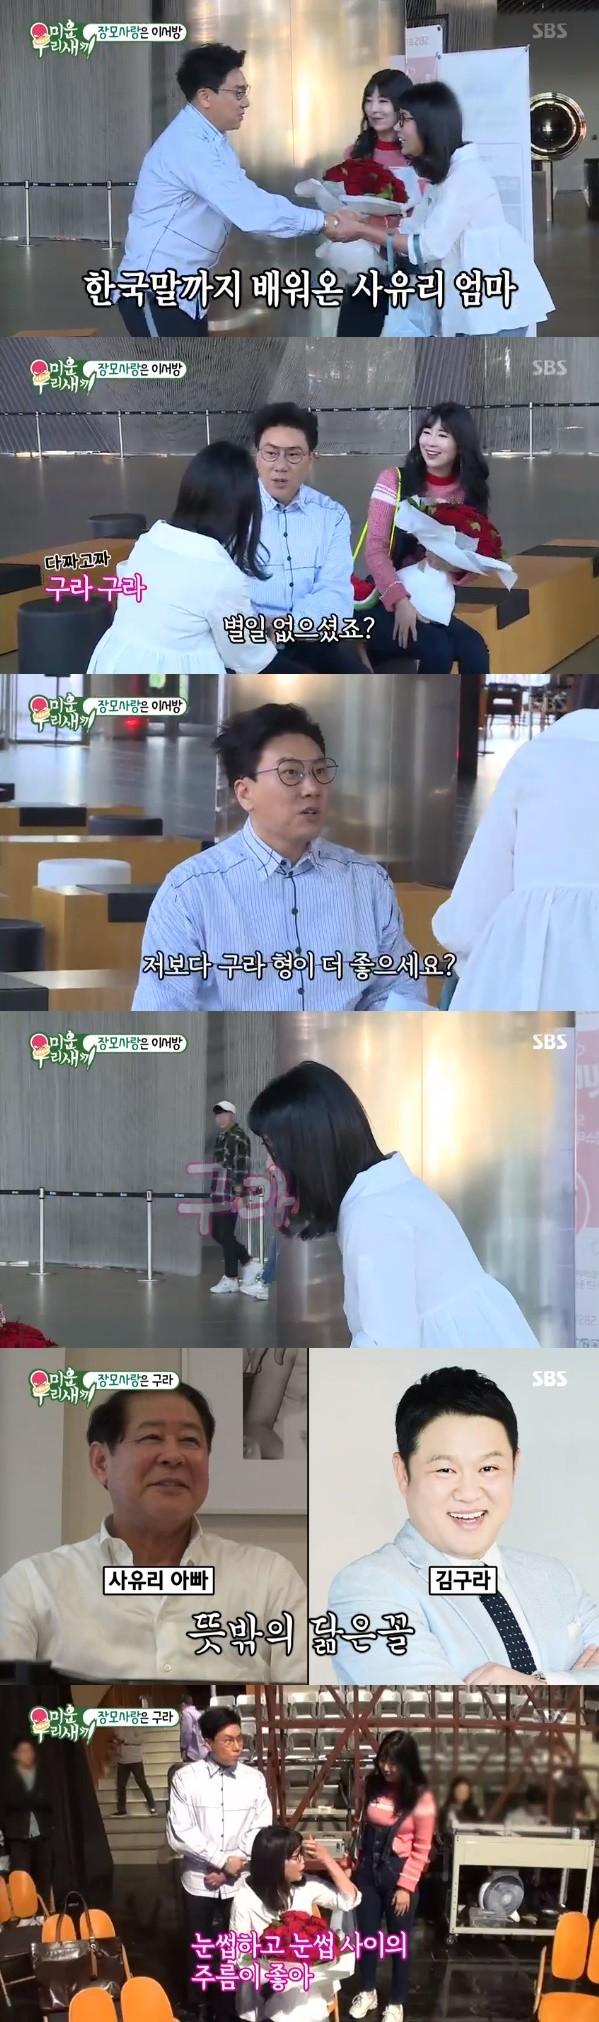 `미우새`사유리 어머니 김구라 팬 인증...좋아하는 이유 `남편 닮은꼴 + 미간 주름`